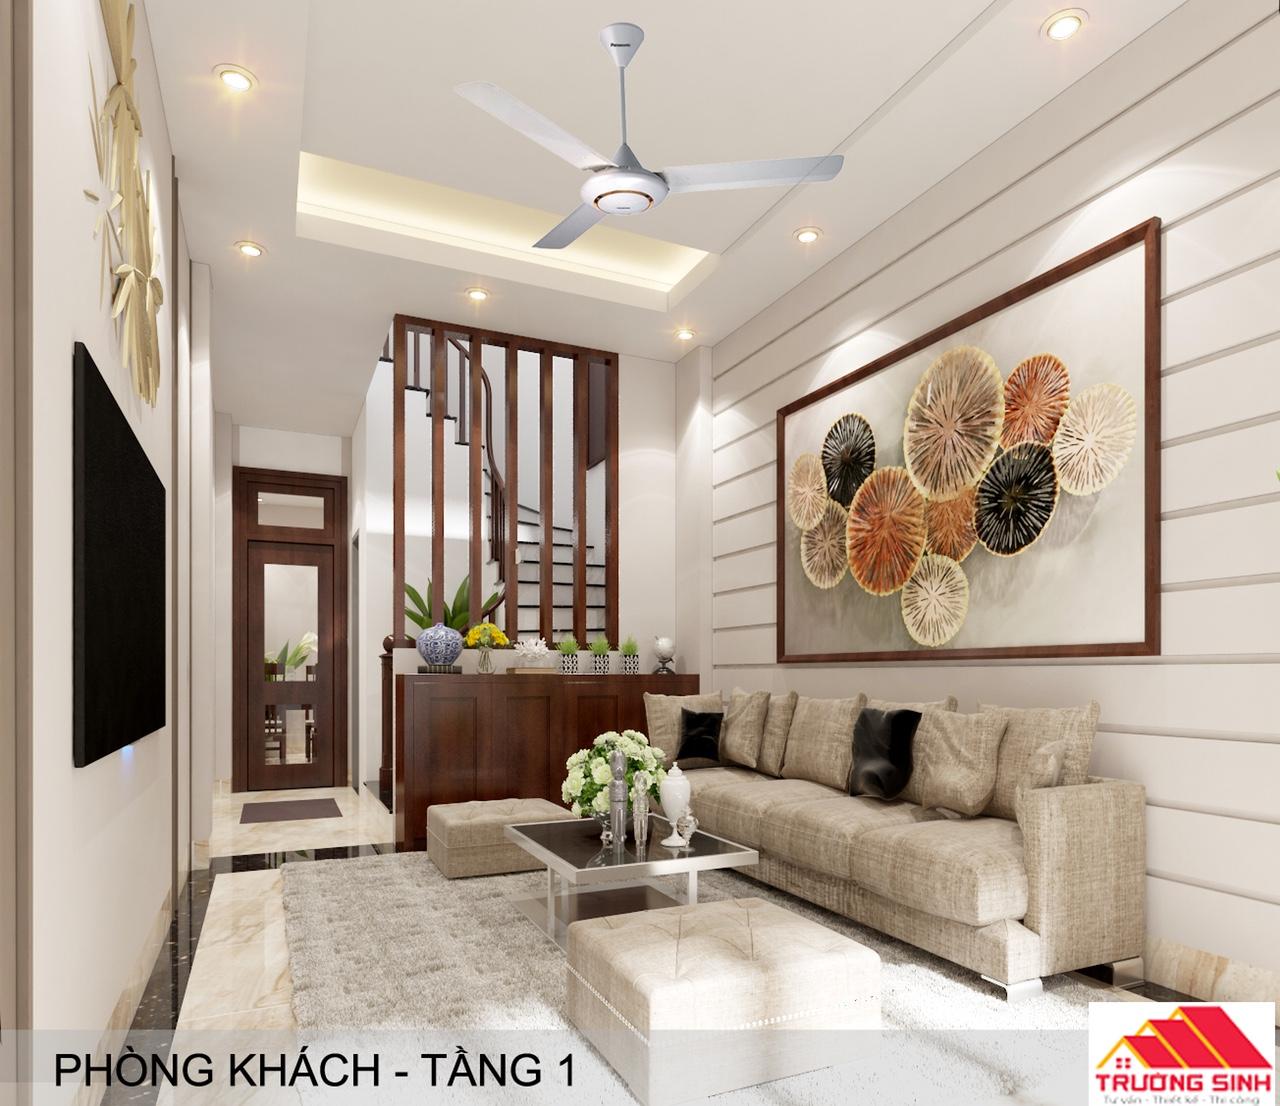 Thiết kế cải tạo sửa chữa nhà chú Thắng tại Ba Đình, Hà Nội